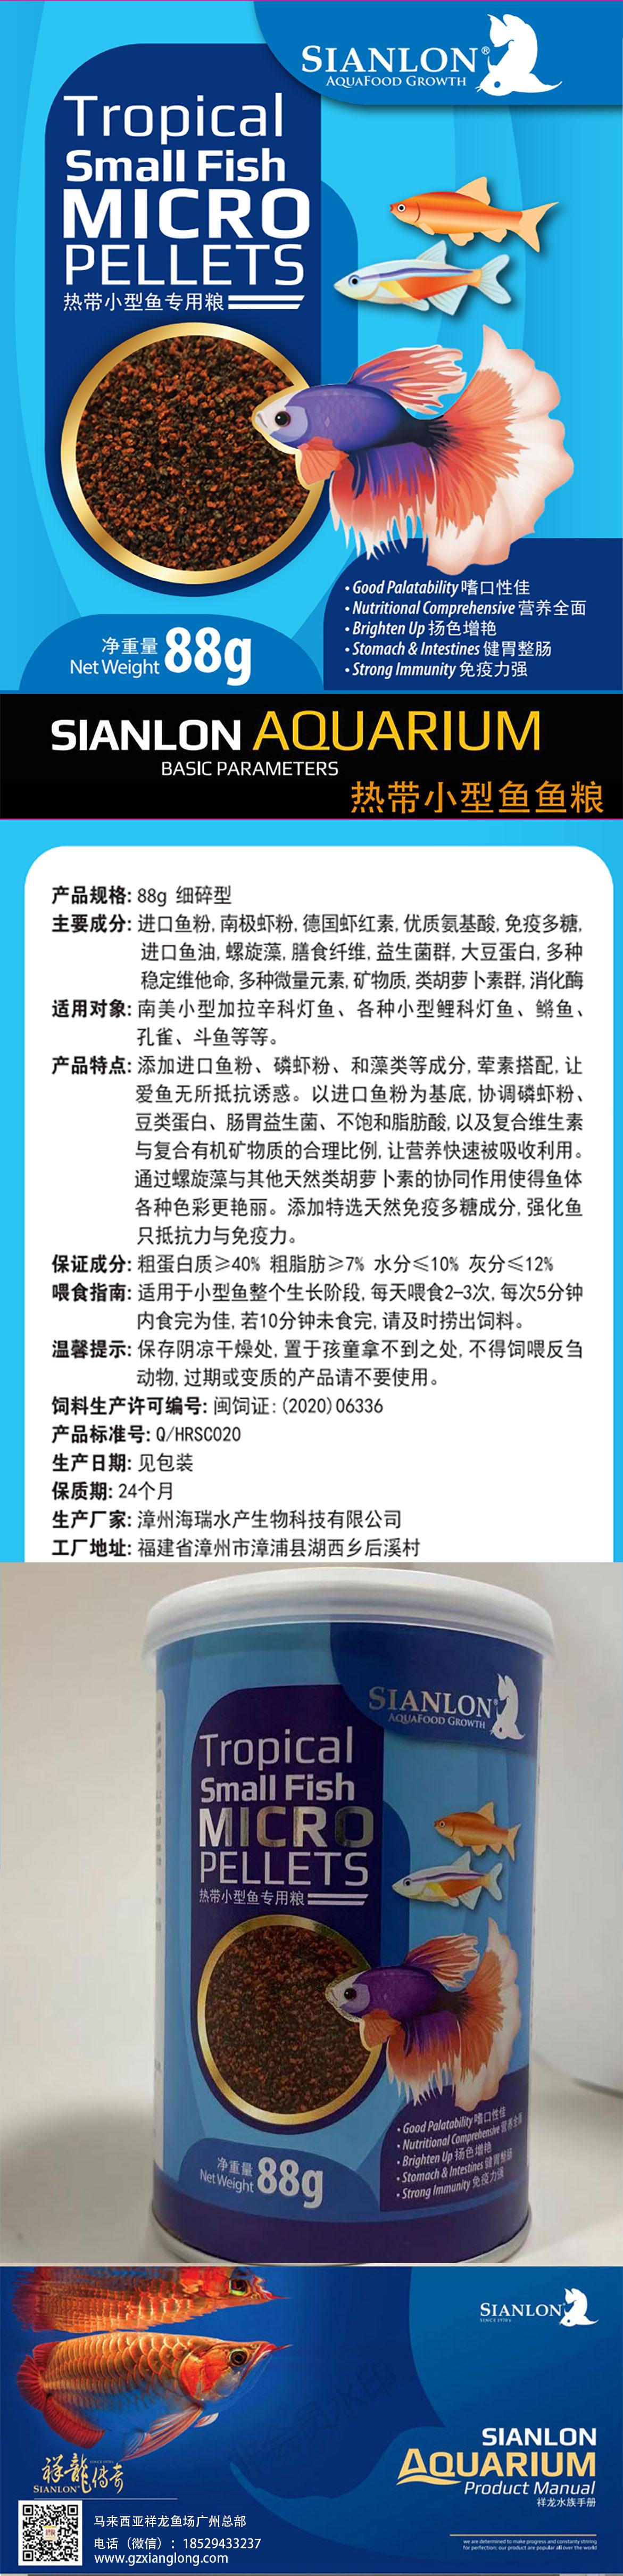 绵阳小型热带鱼鱼粮 绵阳鱼粮鱼药 绵阳水族批发市场第2张